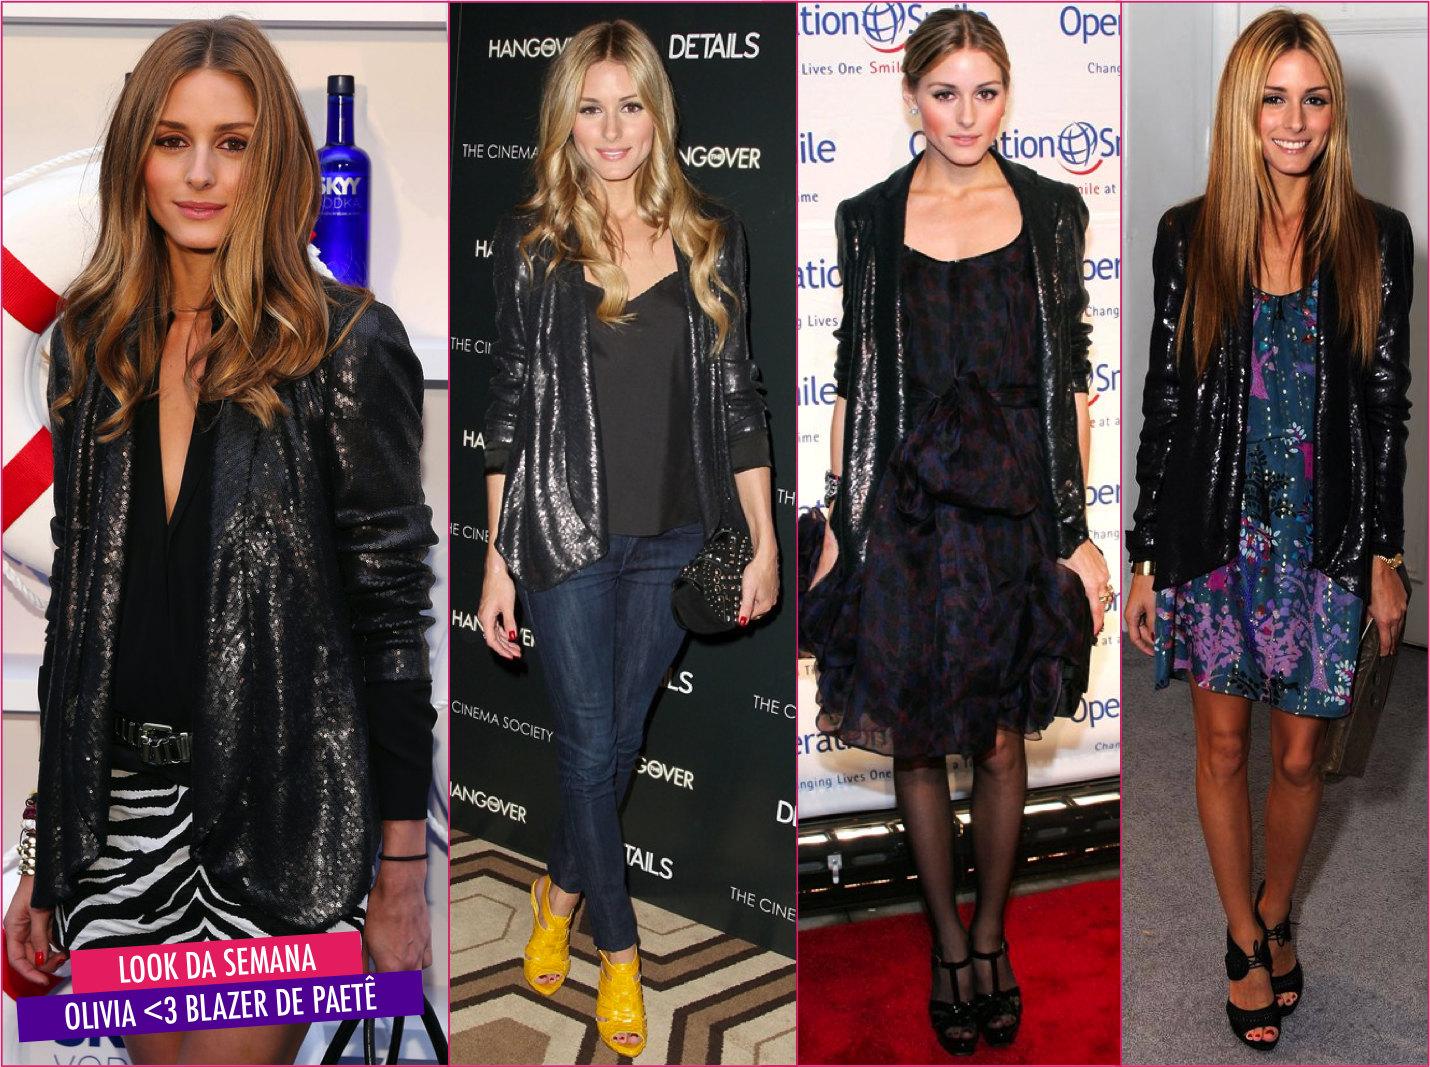 b9b2add9dcd57 Fashionismo - Página 1147 de 2703 - News